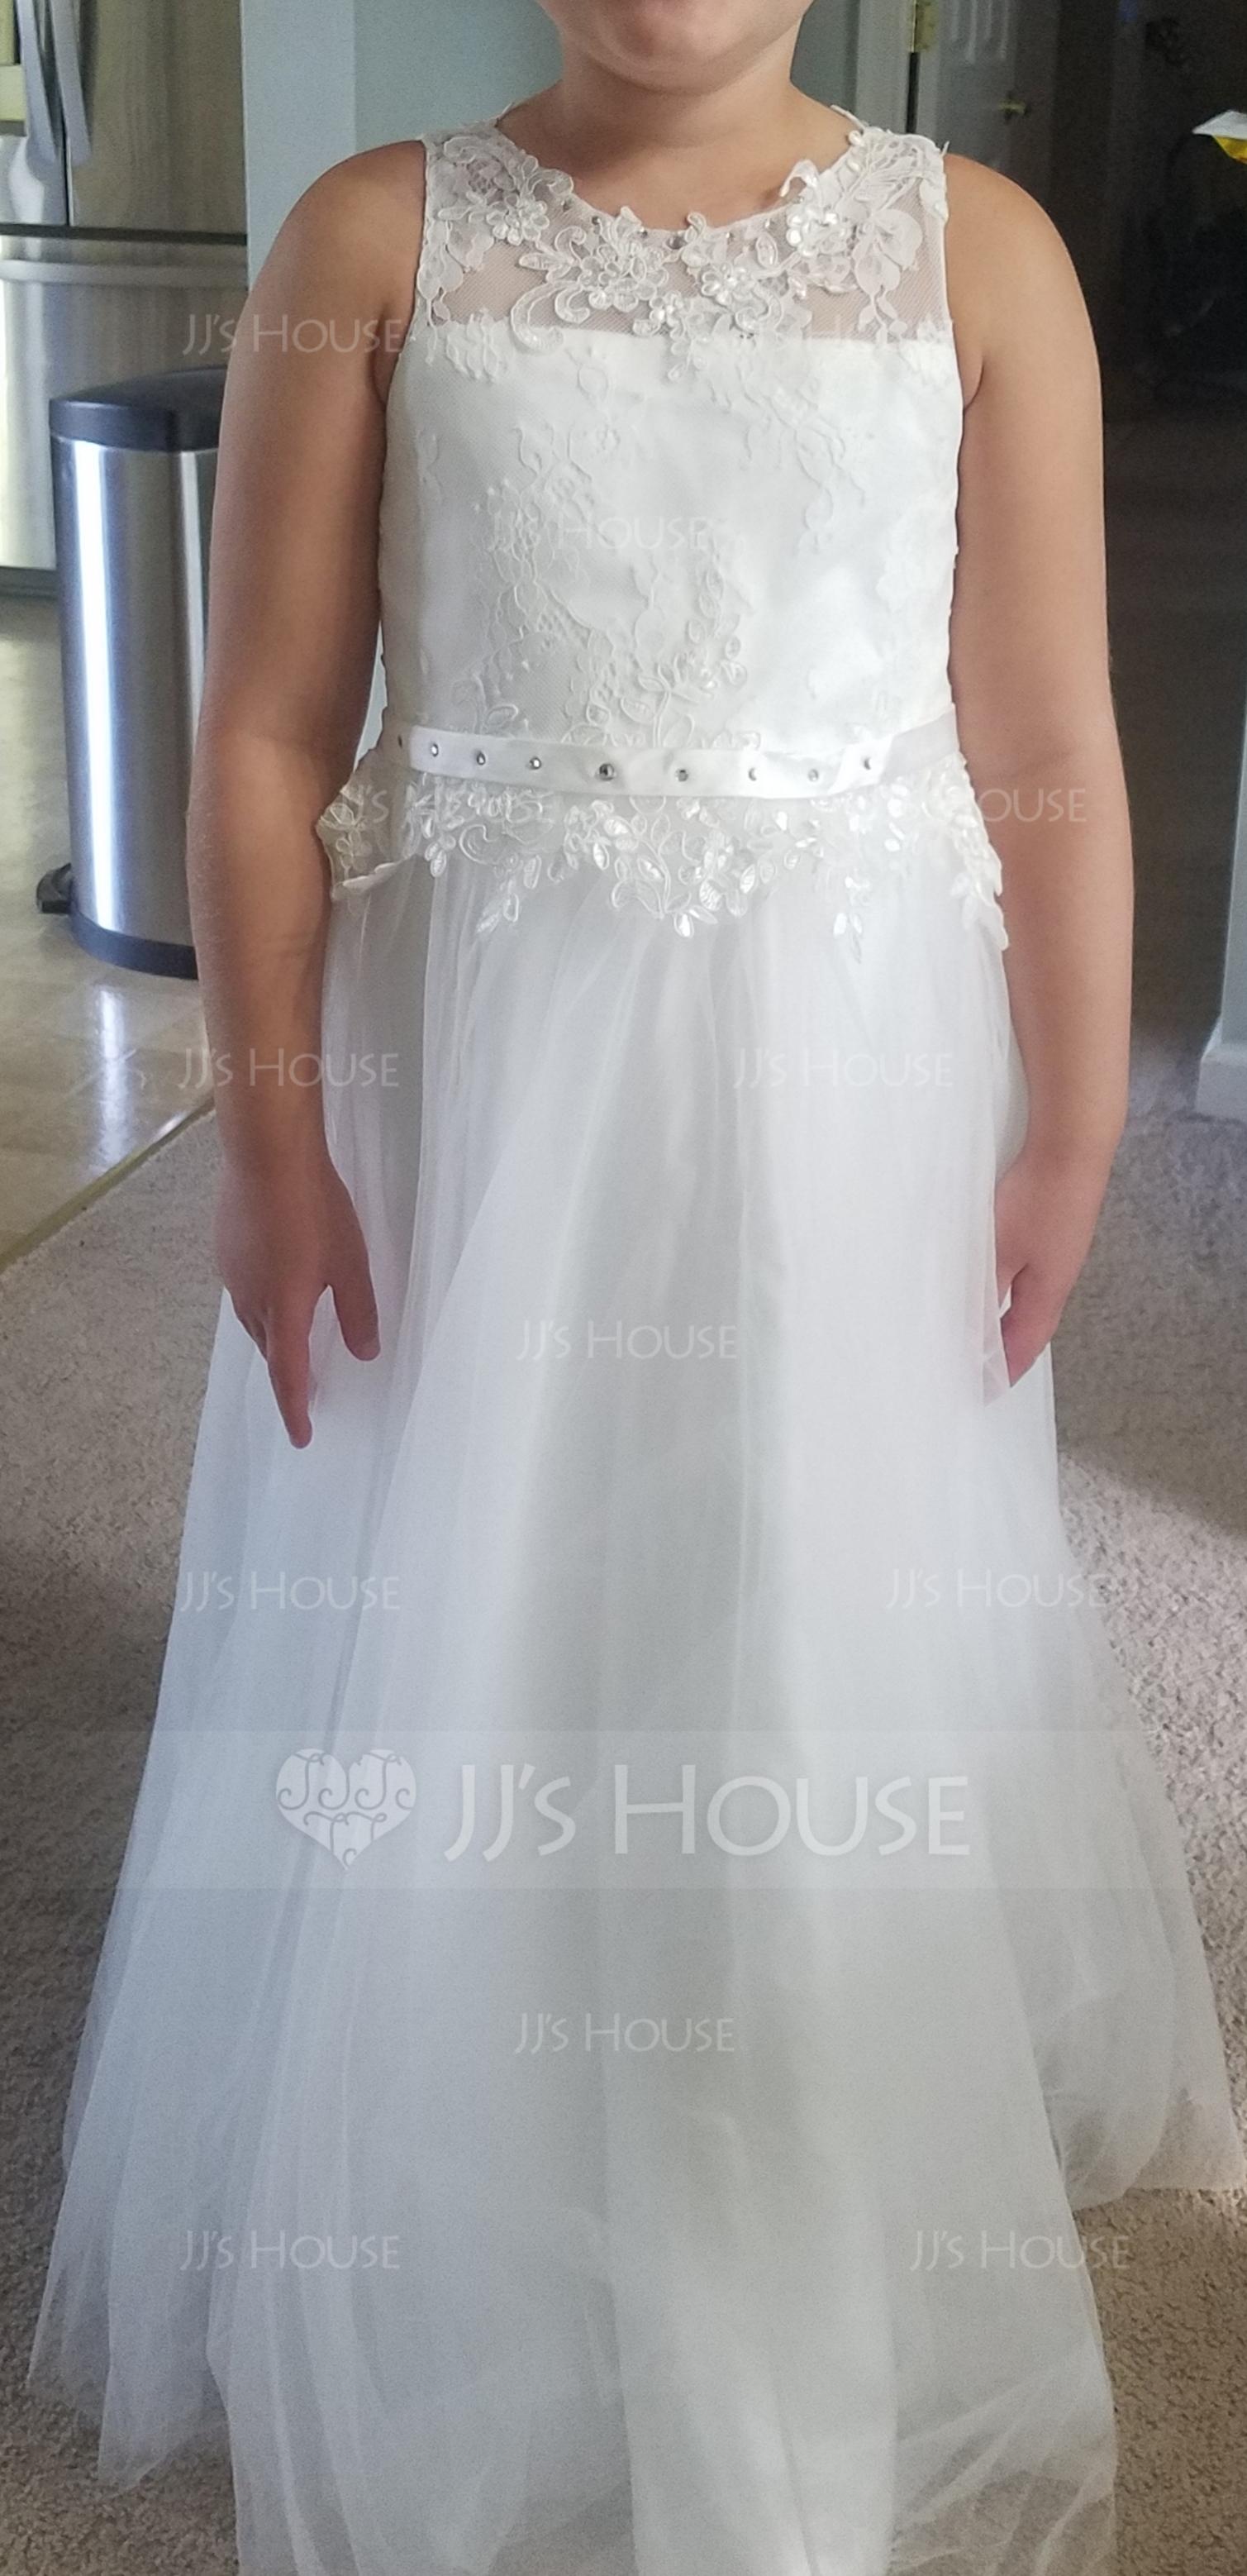 Duchesse-Linie/Princess U-Ausschnitt Bodenlang Tüll Kleid für junge Brautjungfern mit Schleifenbänder/Stoffgürtel Perlstickerei (009136423)